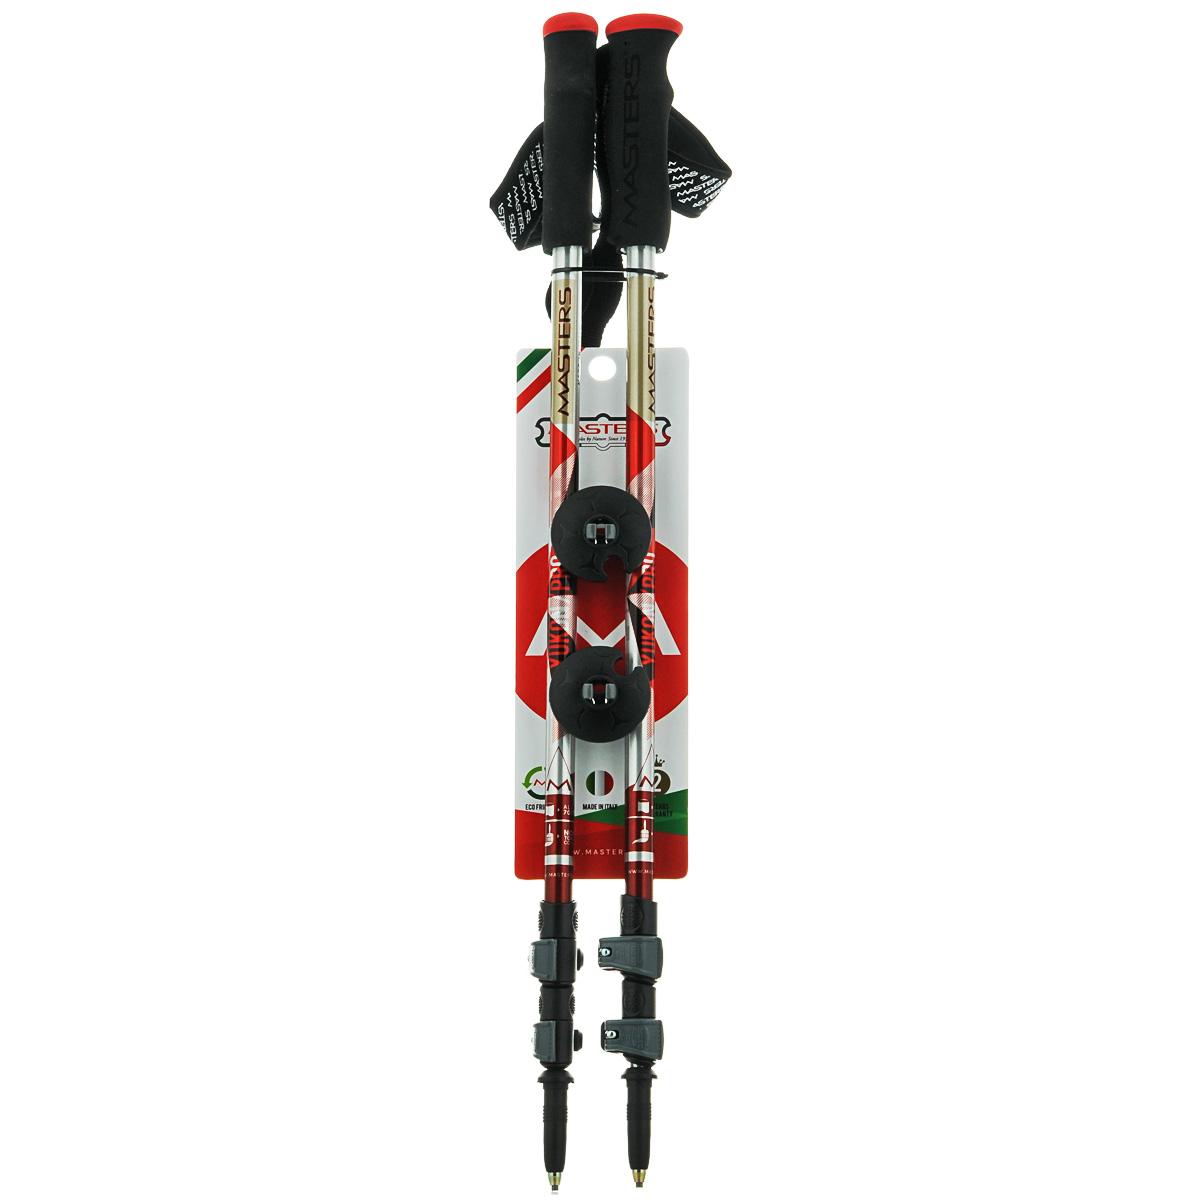 Палки для трекинга Masters Yukon Pro, телескопические, 65-135 см01S0214Masters Yukon Pro - телескопические трекинговые палки, отличающиеся быстрой и удобной системой секционной блокировки Clamper Blocking System, основанной на принципе клипсы. Разработаны для длительных походов и восхождений требующих минимального веса снаряжения. Имеют профессиональную рукоятку Pro Foam из пеноматериалов с влагоотводящим эффектом, что позволяет произвести комфортный хват. Эргономичный регулируемый темляк. При весе всего в 230 г используется легкий, упругий и самый прочный алюминиевый сплав 7075. Палки телескопические состоят из 3 секций для удобства транспортировки на рюкзаке или ином снаряжении. В нижних двух секциях расположена метрическая разметка для быстрой и точной регулировки длины палки под рост. Наконечник карбидовый, для высокого сцепления вплоть до гладких каменных пород. Сменные кольца быстро и надежно крепятся с использованием технологии Screw System. Поверхность секций отличается высокой степенью полировки и многослойной покраской. Используются...